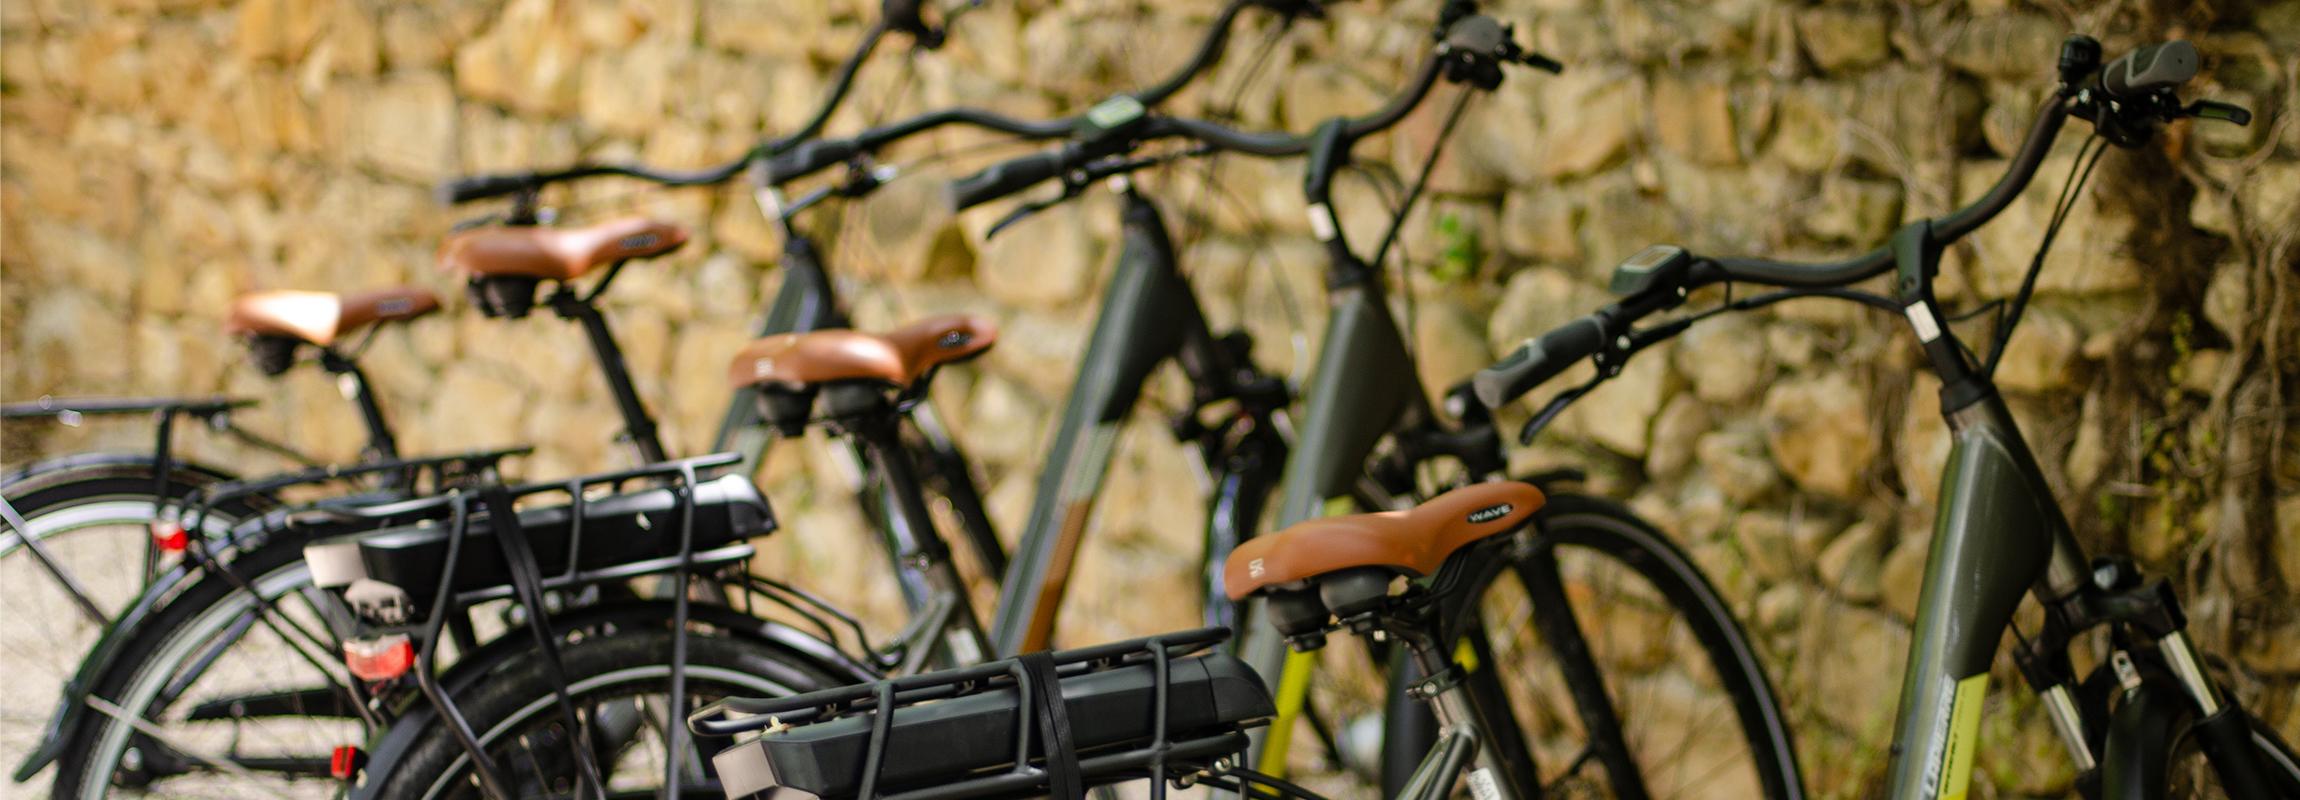 Bikes at Château de Montcaud